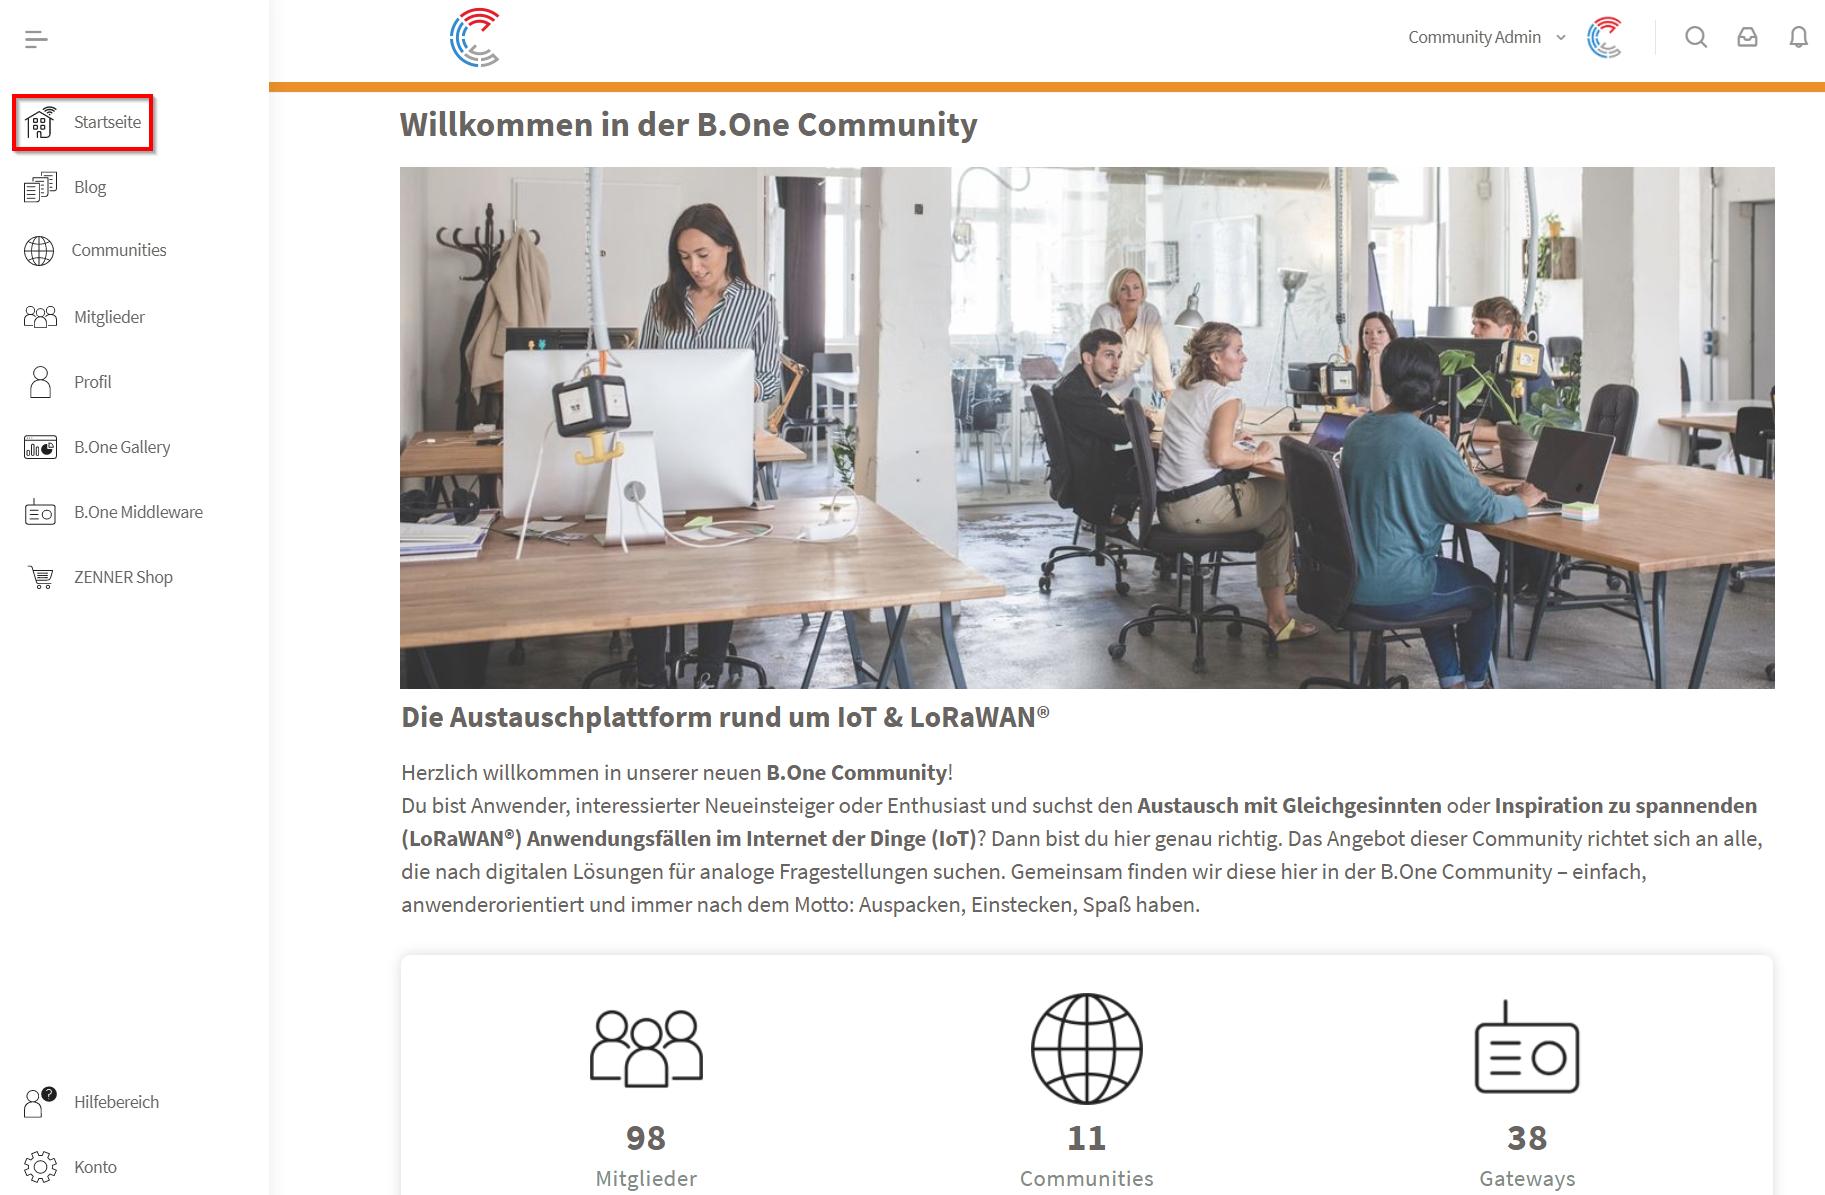 Startseite der B.One Community - Der Austauschplattform rund um IoT & LoRaWAN